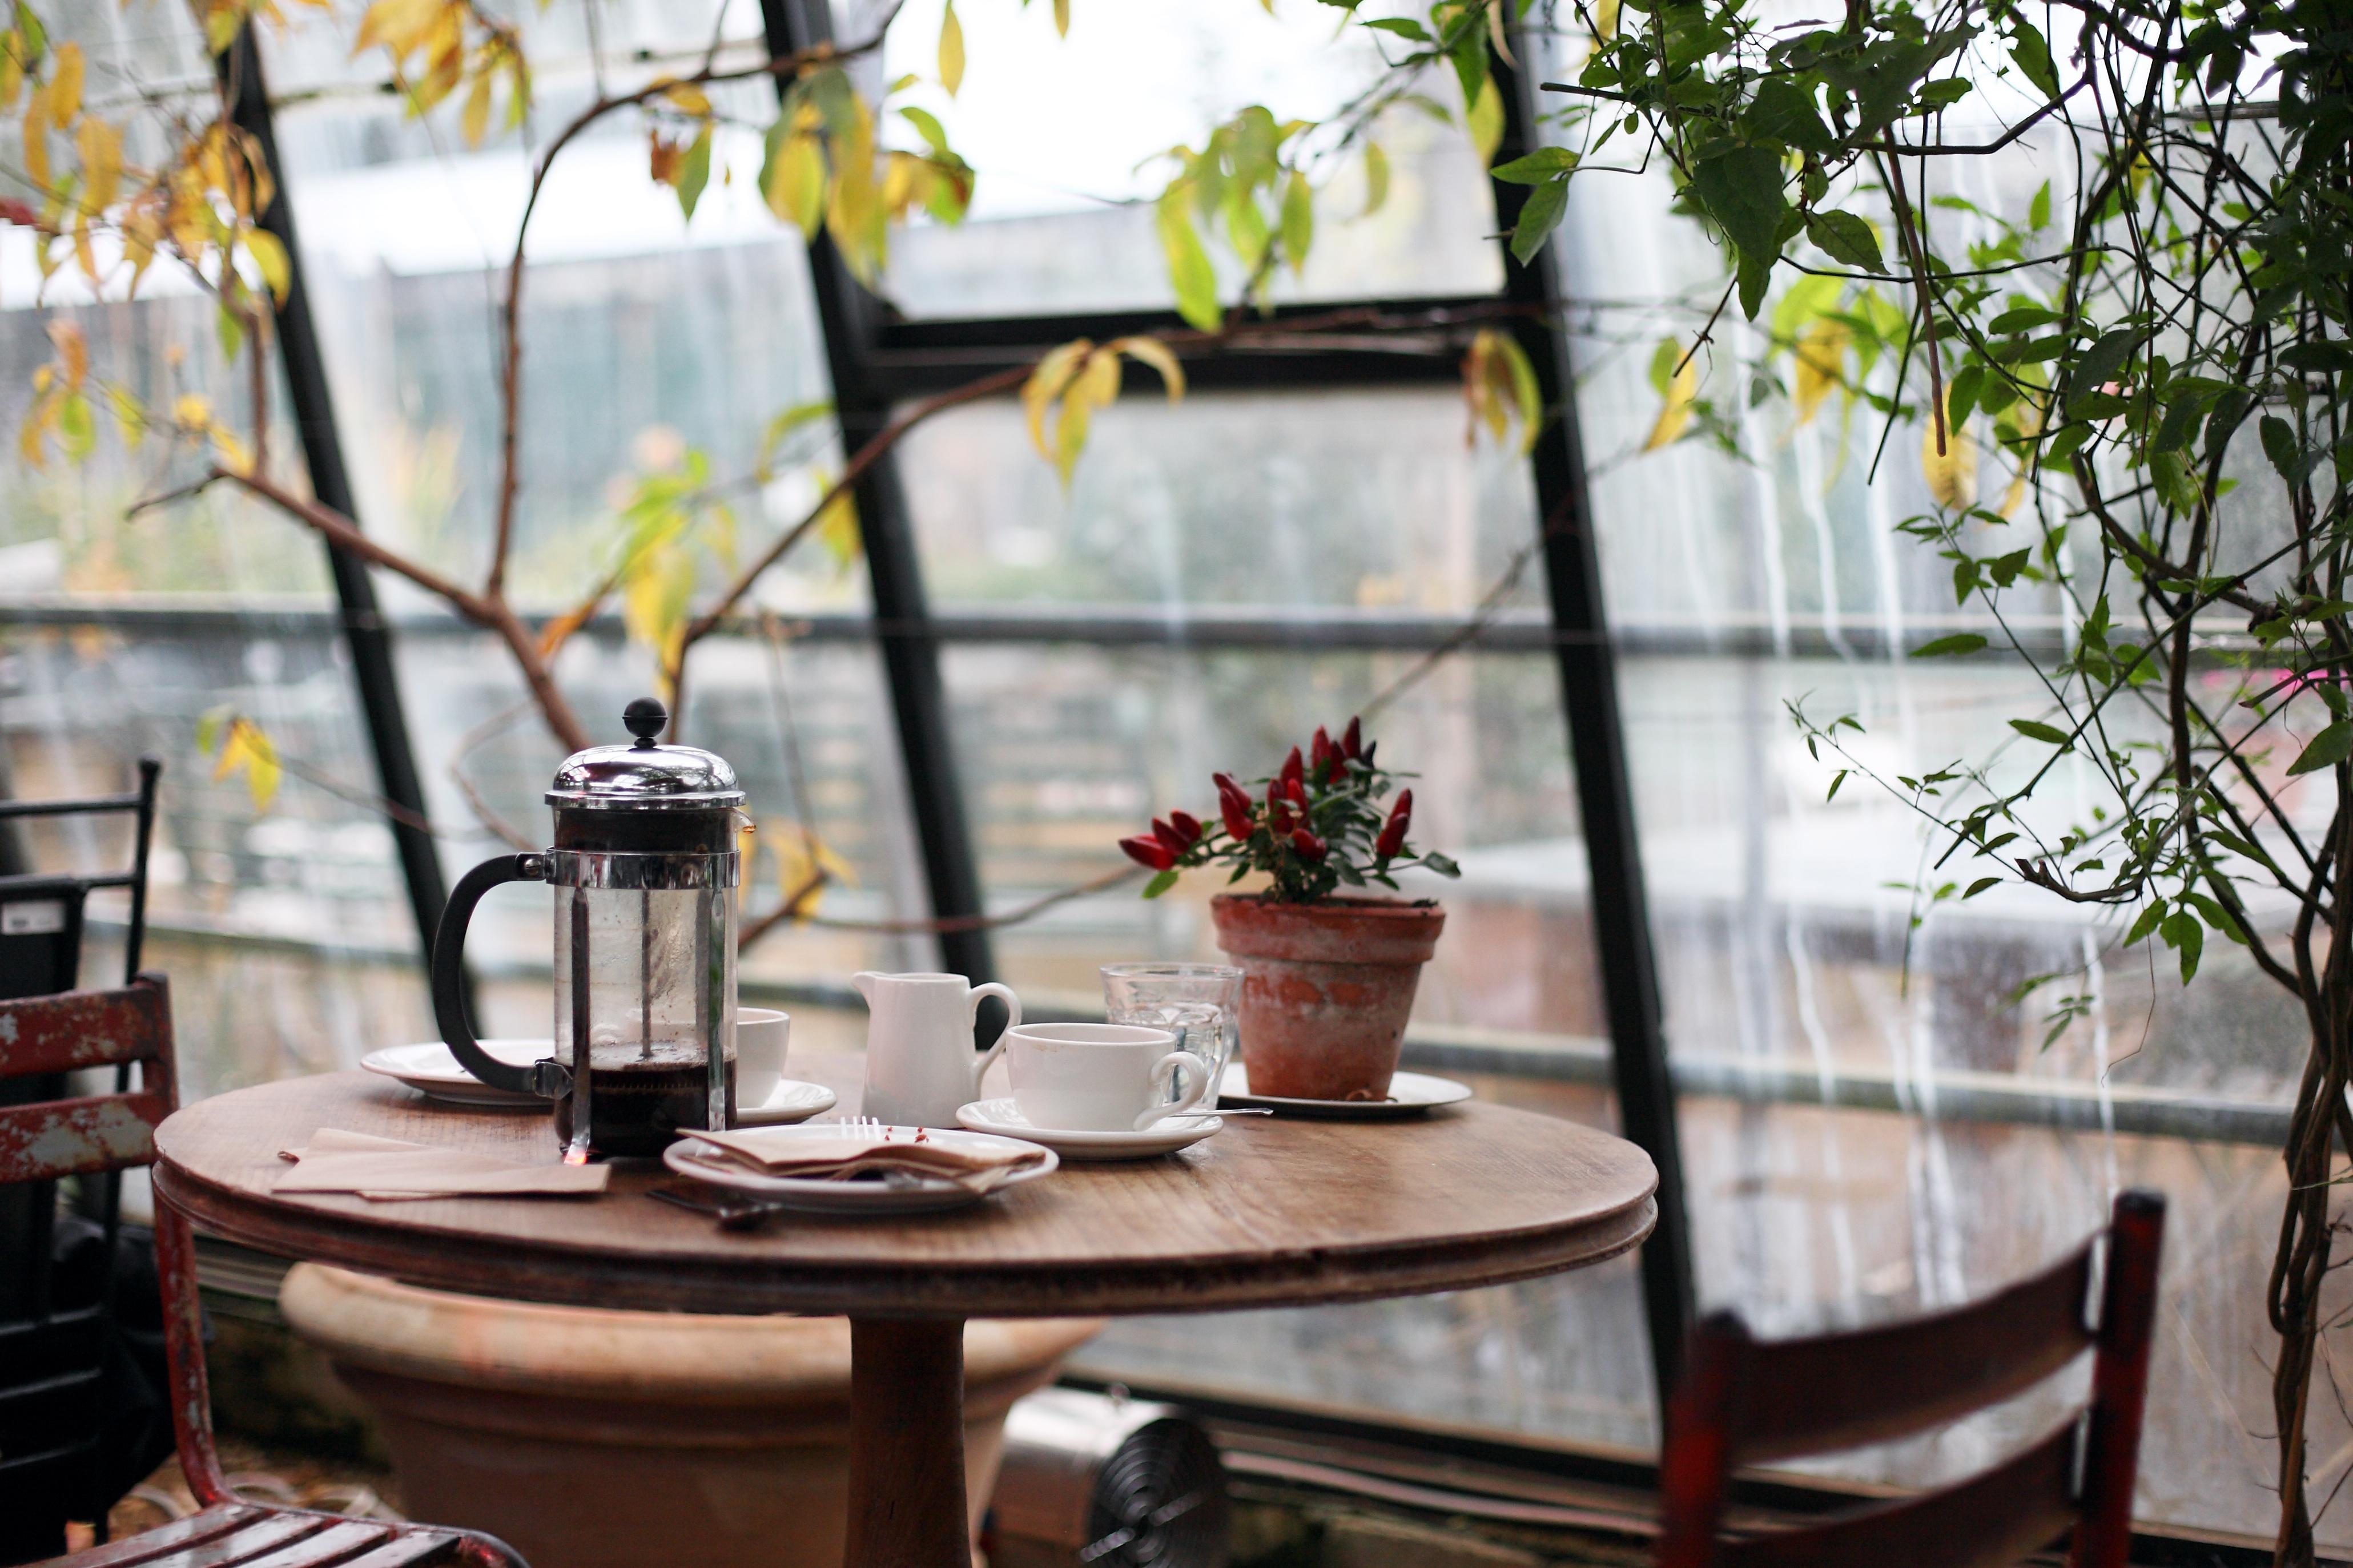 Gratis billeder : tabel, cafe, kaffe, blomst, restaurant, hjem ...